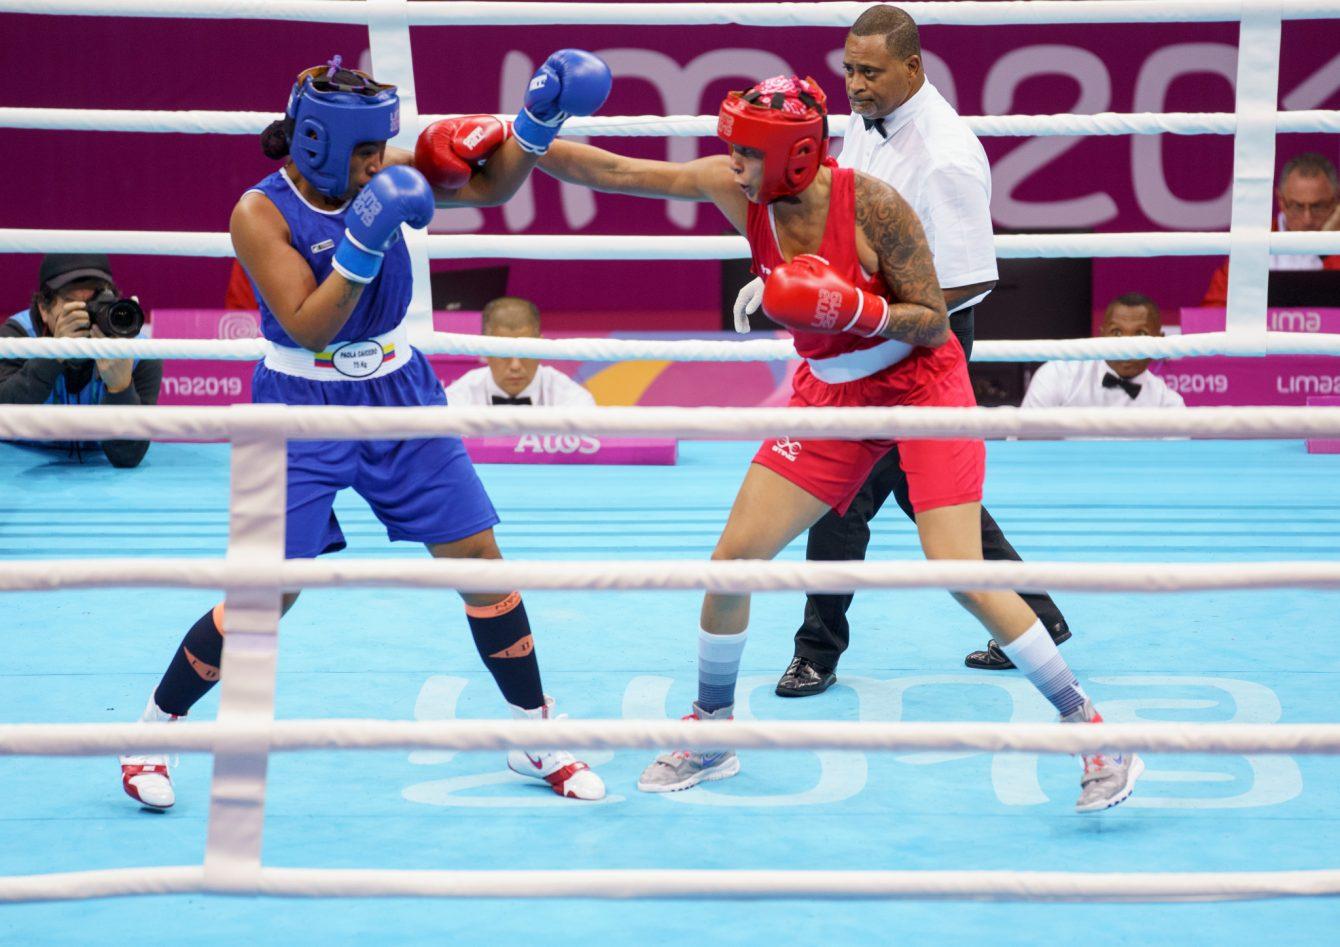 Tammara Thibeault d'Équipe Canada gagne le bronze dans la catégorie féminine des 75 kg aux Jeux panaméricains de Lima 2019 le 30 juillet 2019.